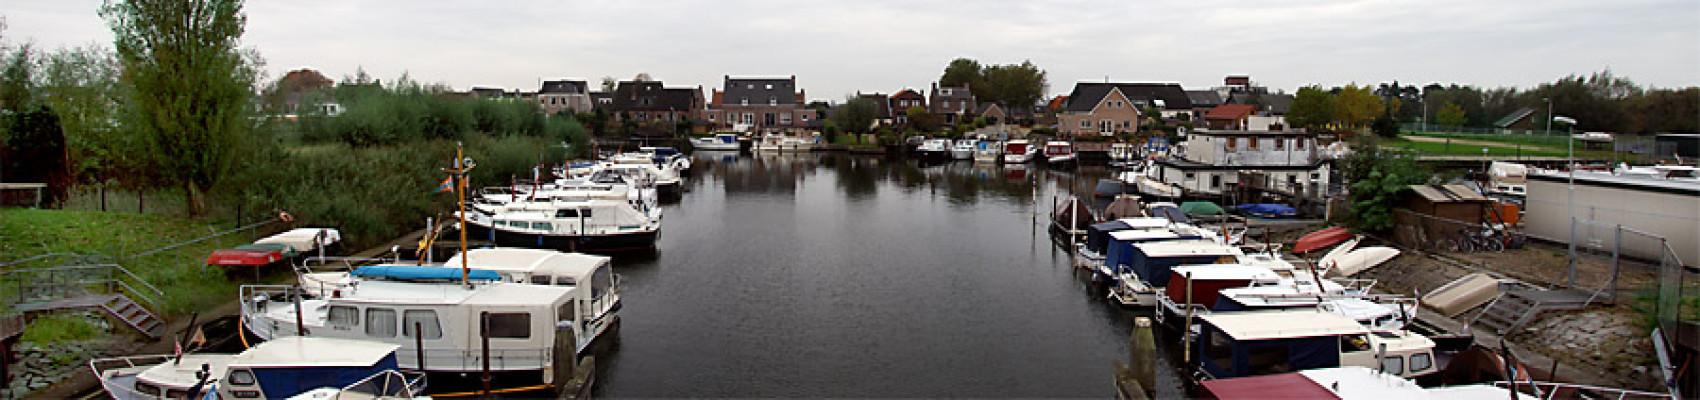 Watersportvereniging Noorderklip